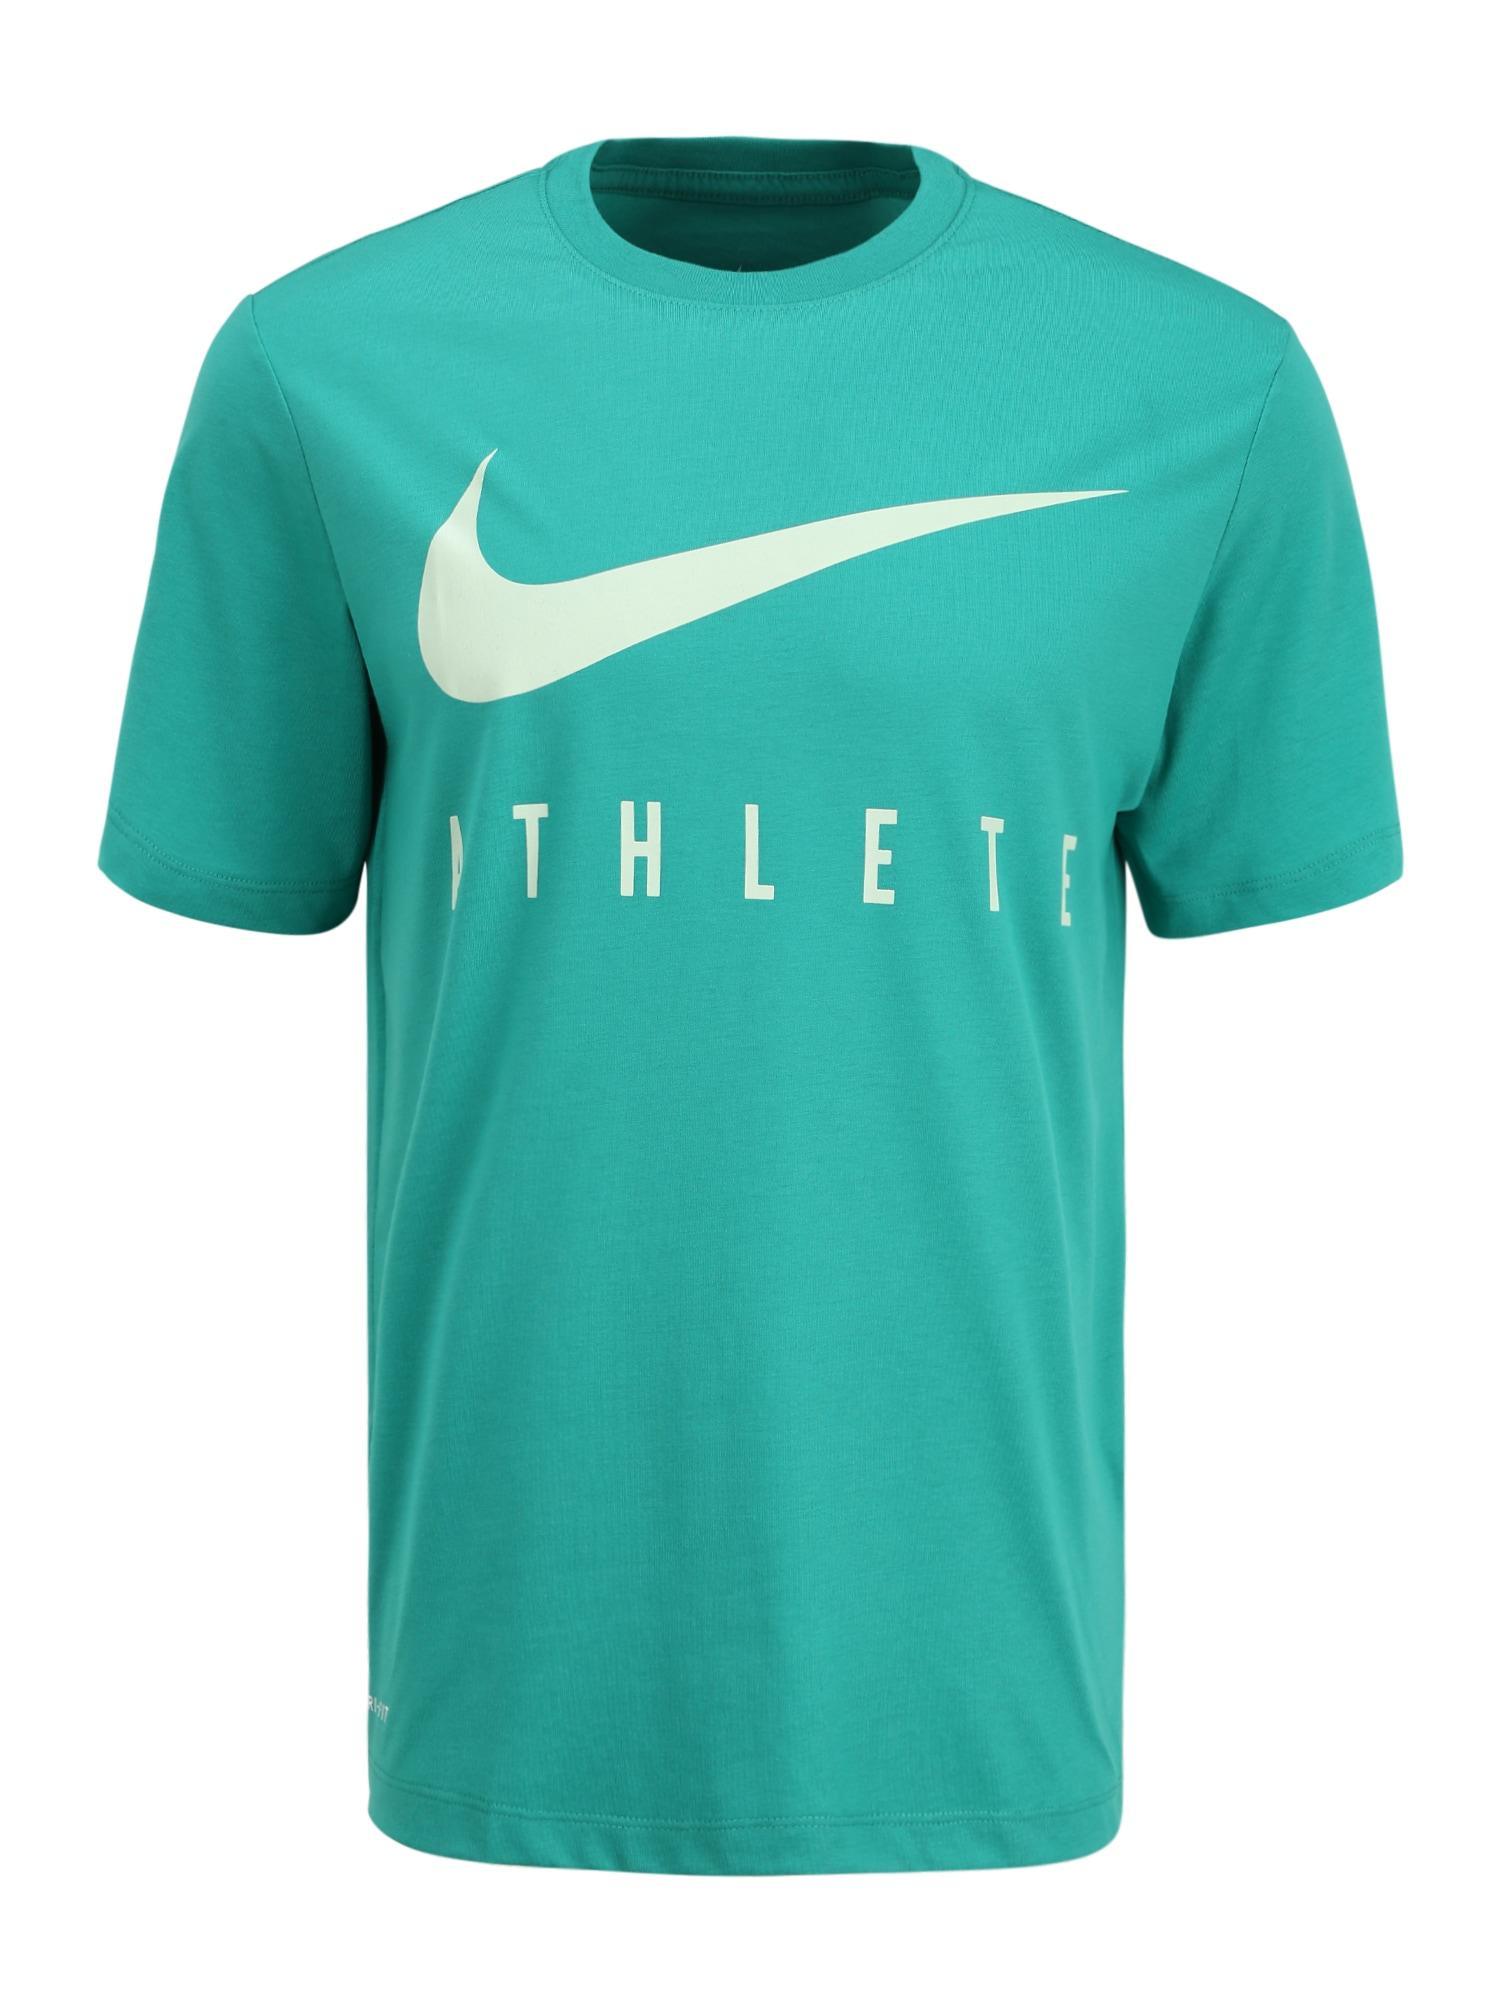 NIKE Funkčné tričko 'ATHLETE'  biela / zelená